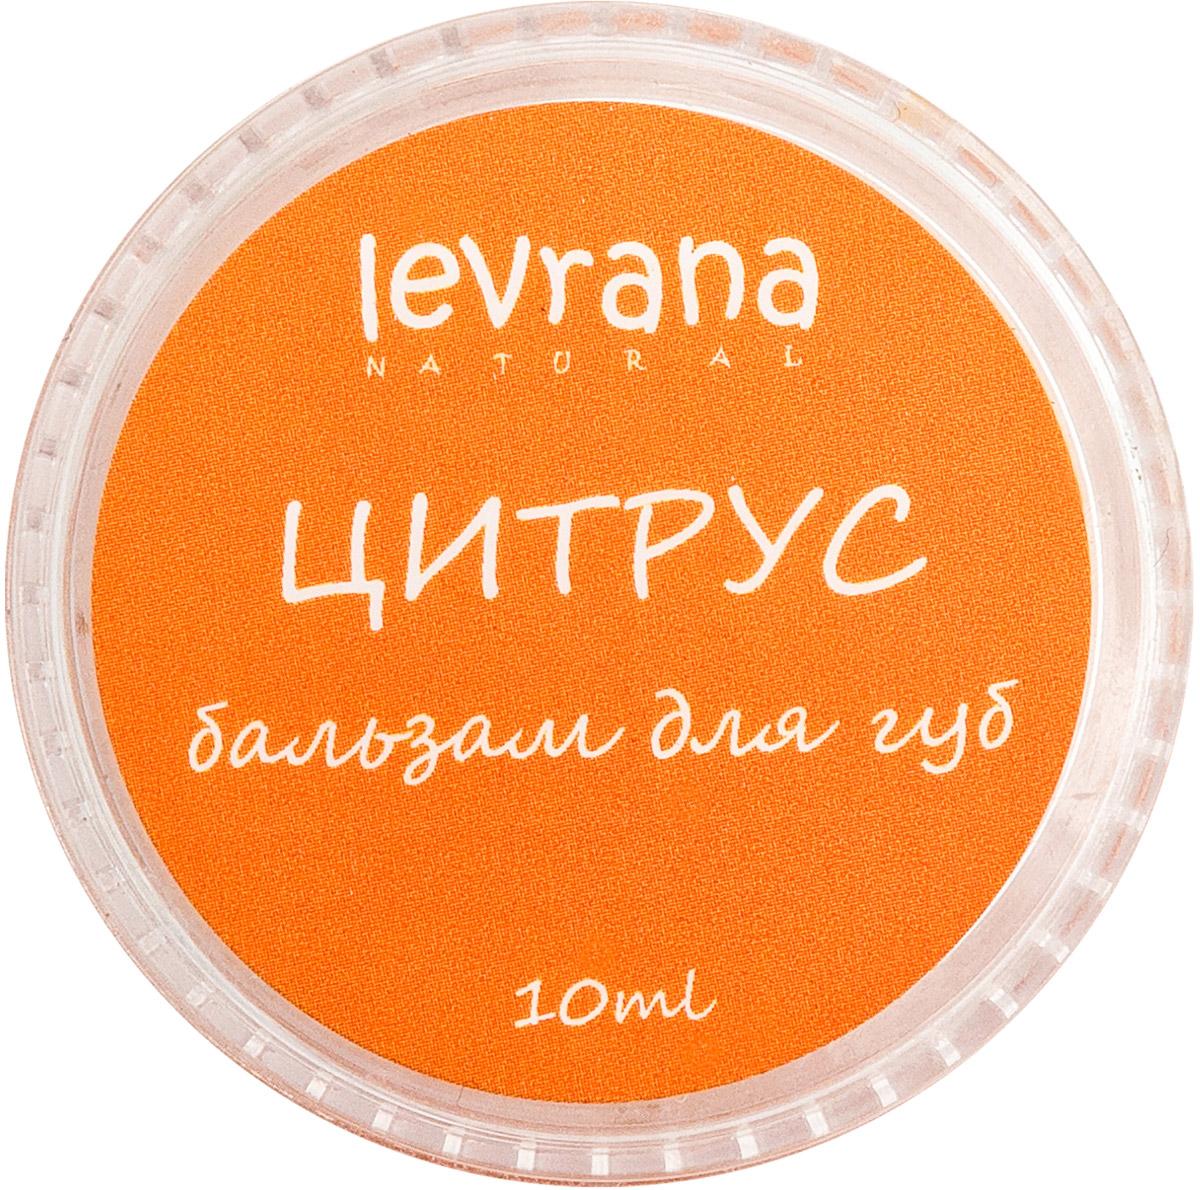 Levrana Бальзам для губ Цитрус, 10 гLB03Сладкий цитрусовый бальзам для губ.Не важно какое время года за окном - сочный цитрус поднимет настроение и освежит.В основе бальзама для губ ценнейшее масло Облепихи, обладает заживляющим и увлажняющим действием, оно прекрасно восстанавливает кожу, питает и насыщает ее. Придает коже упругость и повышает тонус.Входящий в состав Облепихи витамин C, способствует повышению и сохранению упругости кожи.Эфирные масла грейпфрута и апельсина слегка подогревают кожу, при этом увеличивая объем.